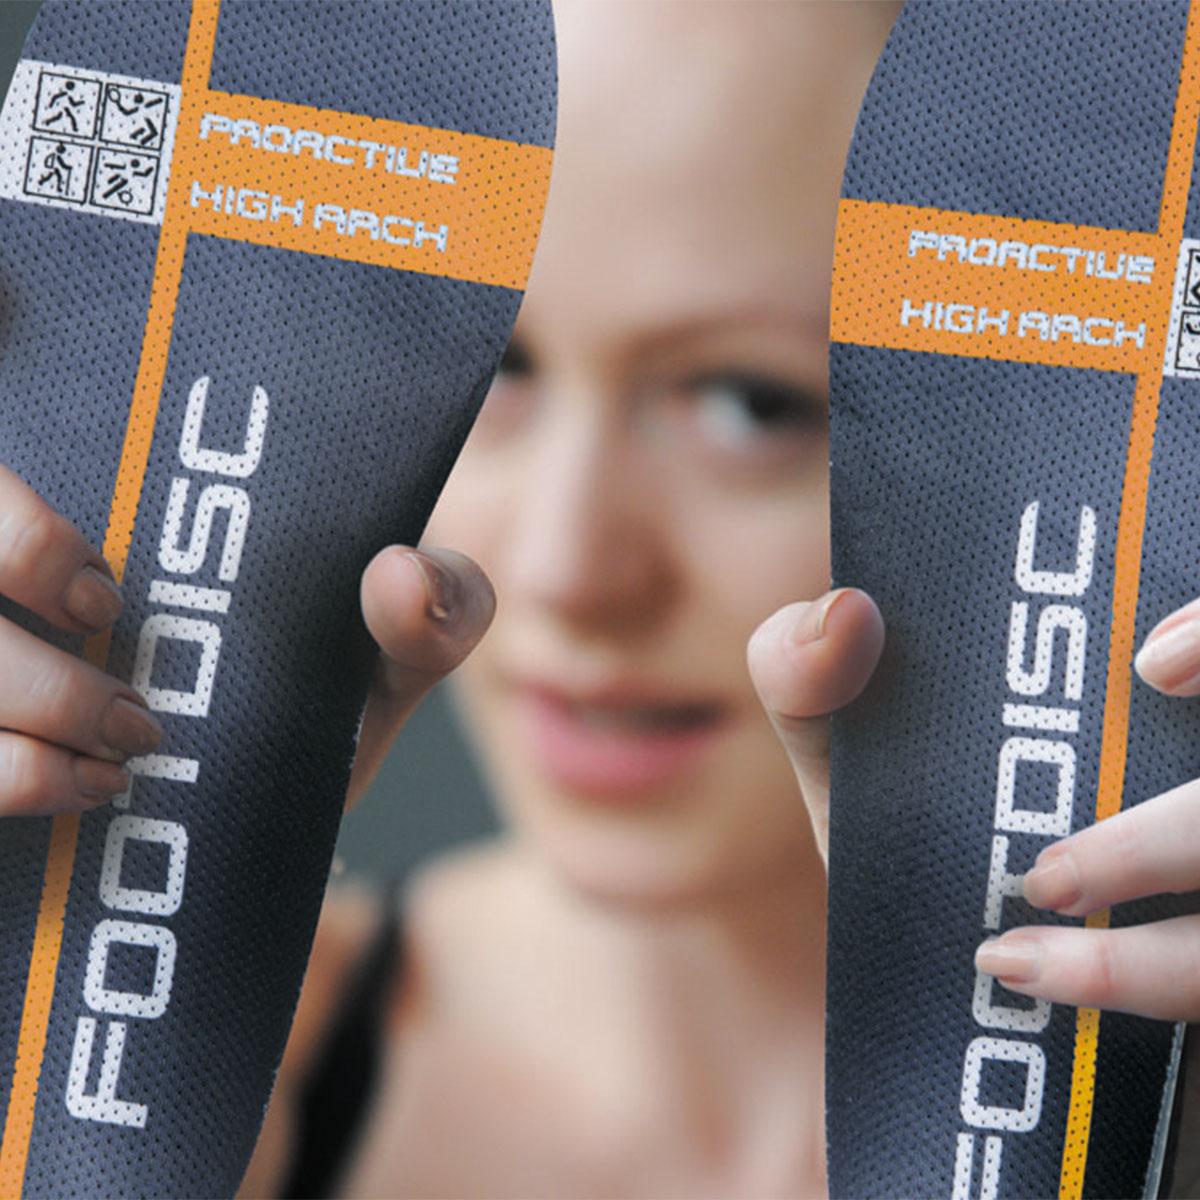 德國【FOOTDISC】長時間行走 最佳支撐 SPF科技足墊(立體、回彈足弓片,所有足型適用)6